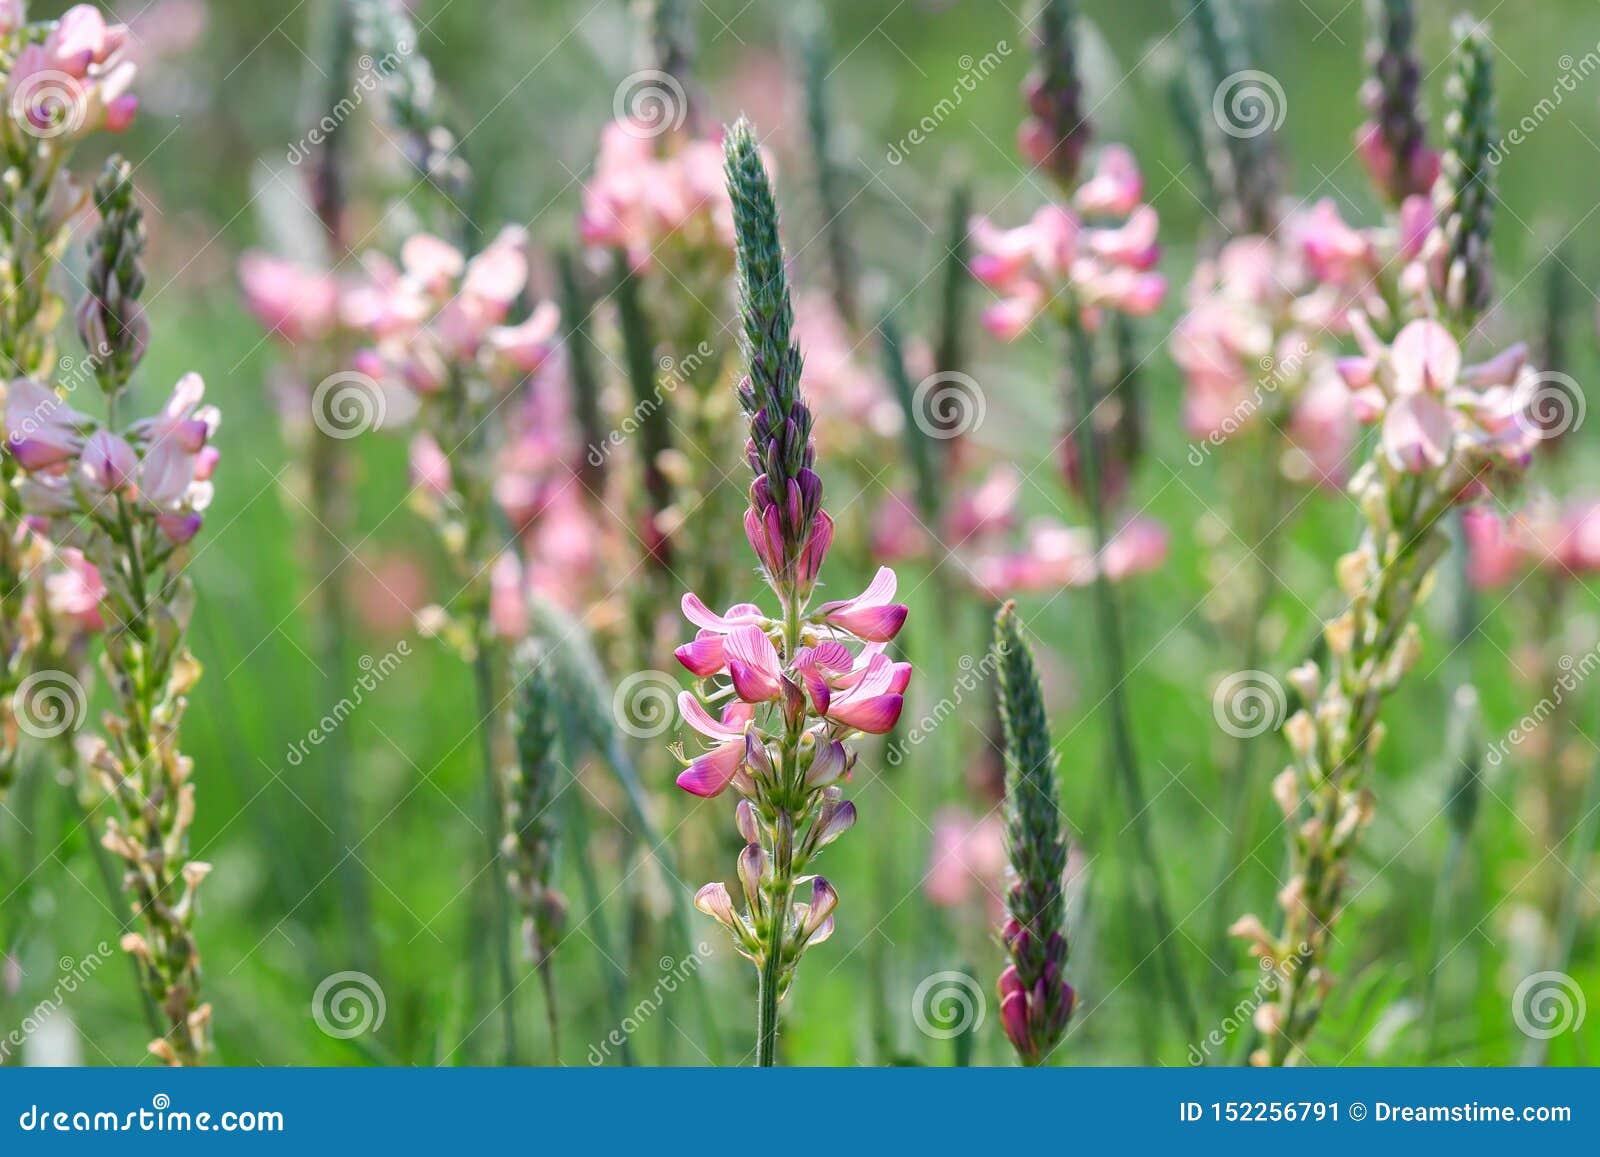 Esparsetteblüte, -blumen und -knospen